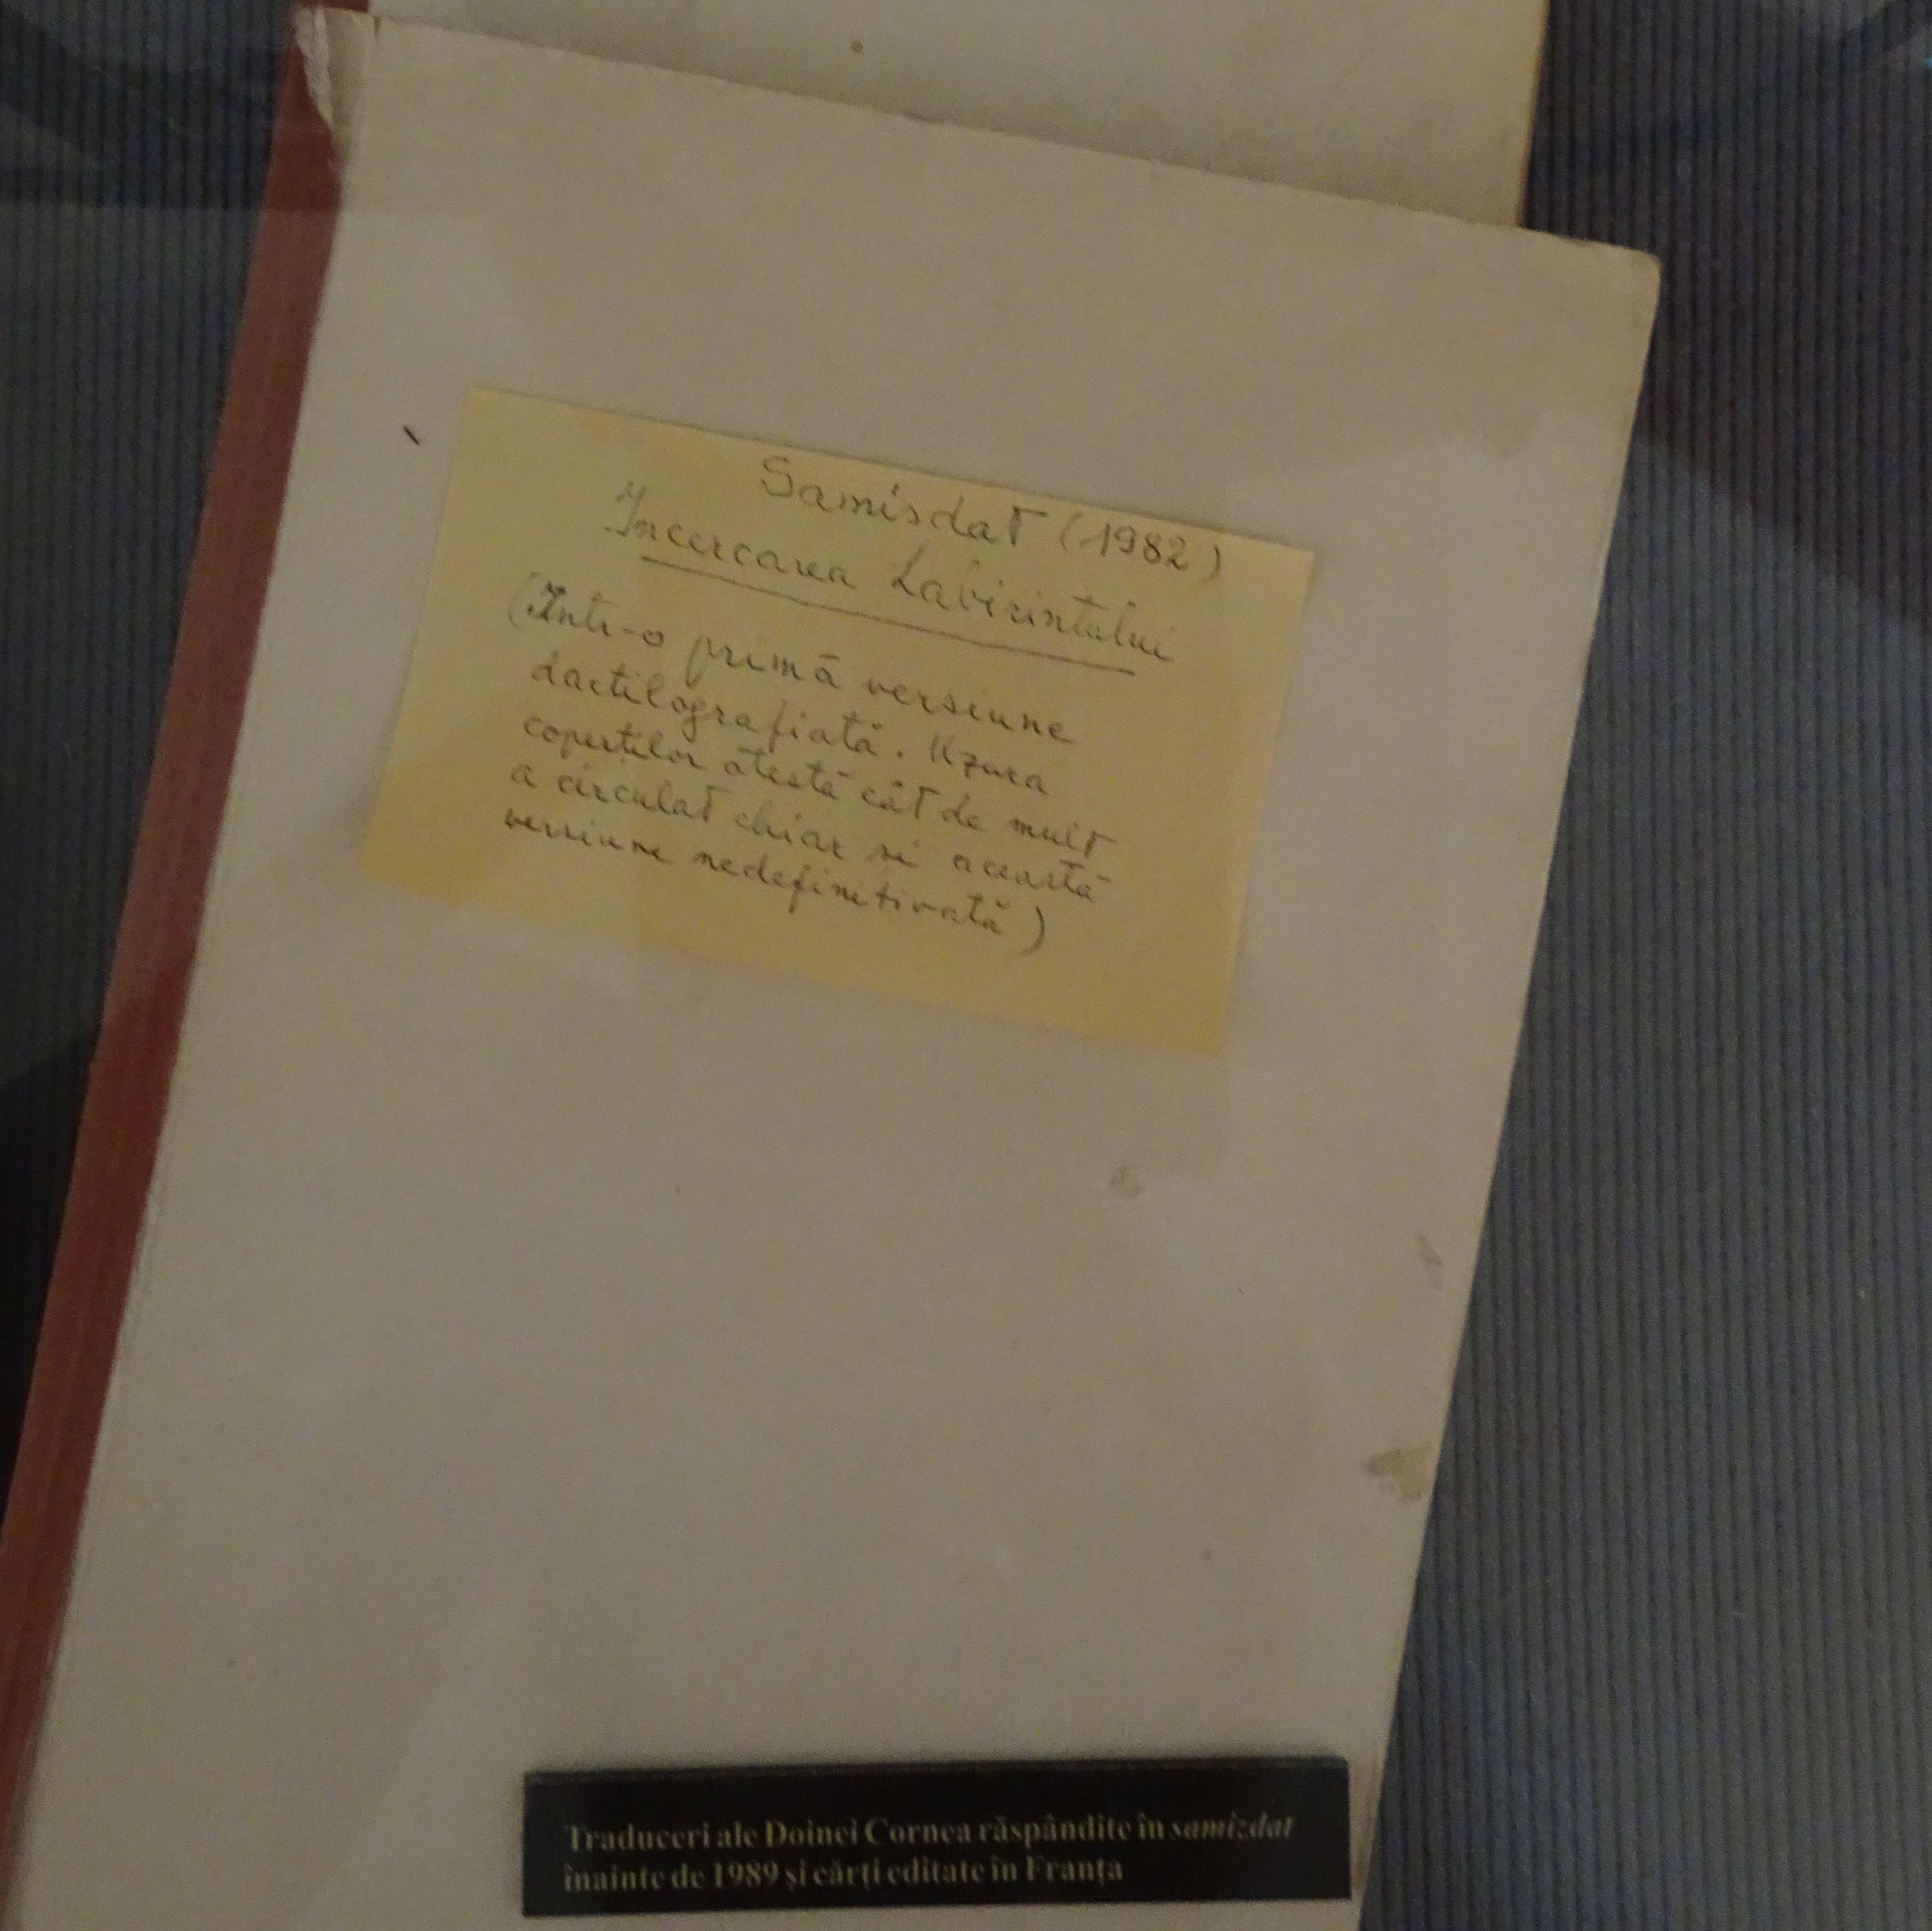 Eliade, Mircea. Încercarea labirintului, traducere de Doina Cornea. Ediție samizdat, 1982